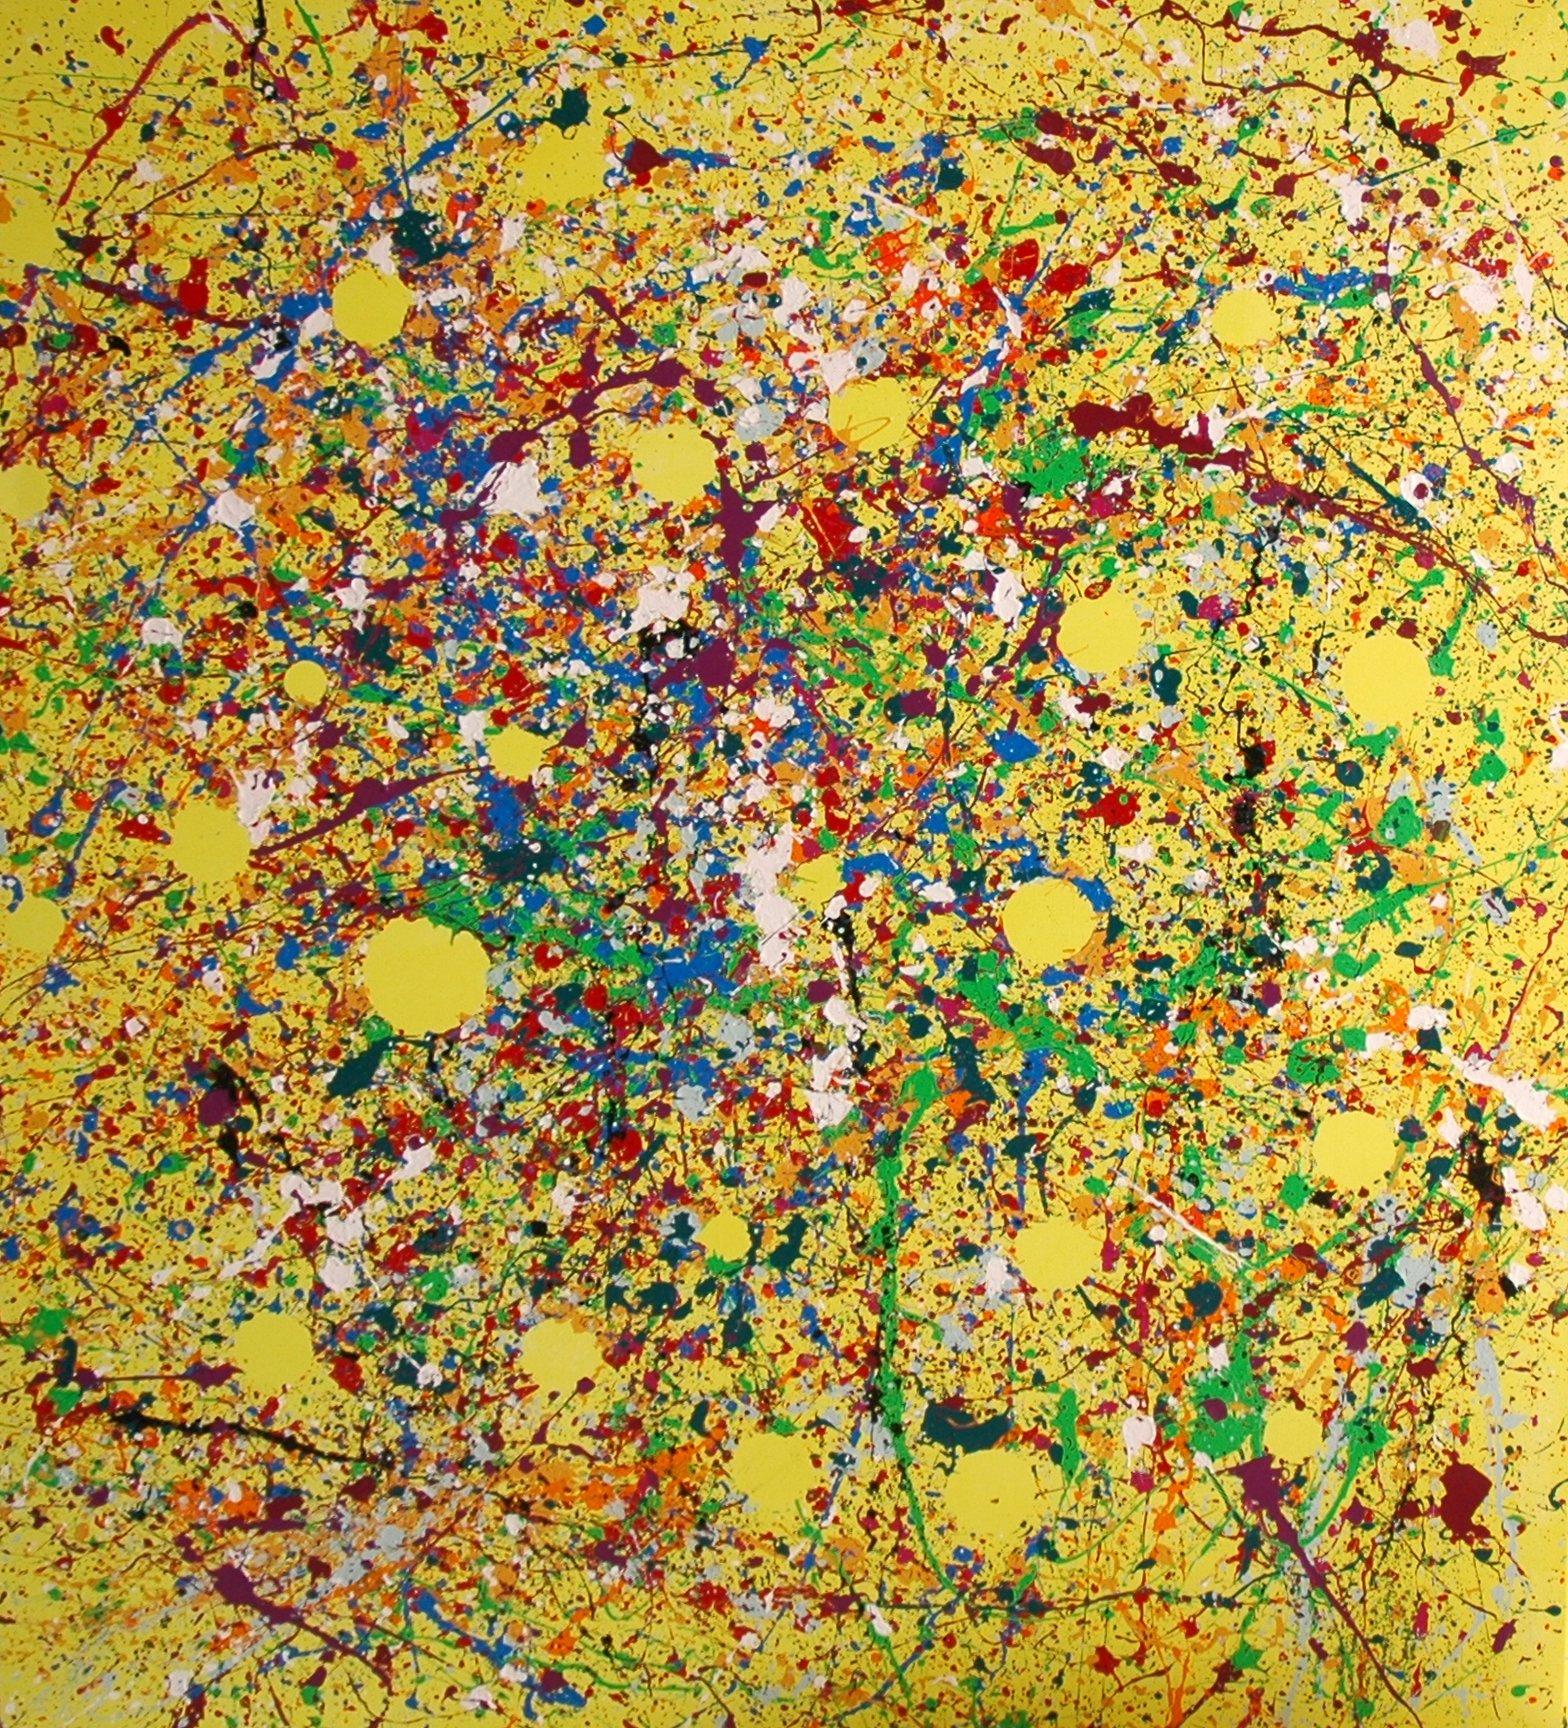 140x160 cm, Acryl auf Leinwand, Kleckstechnik. Mindestpreis: 11.500,00 Euro